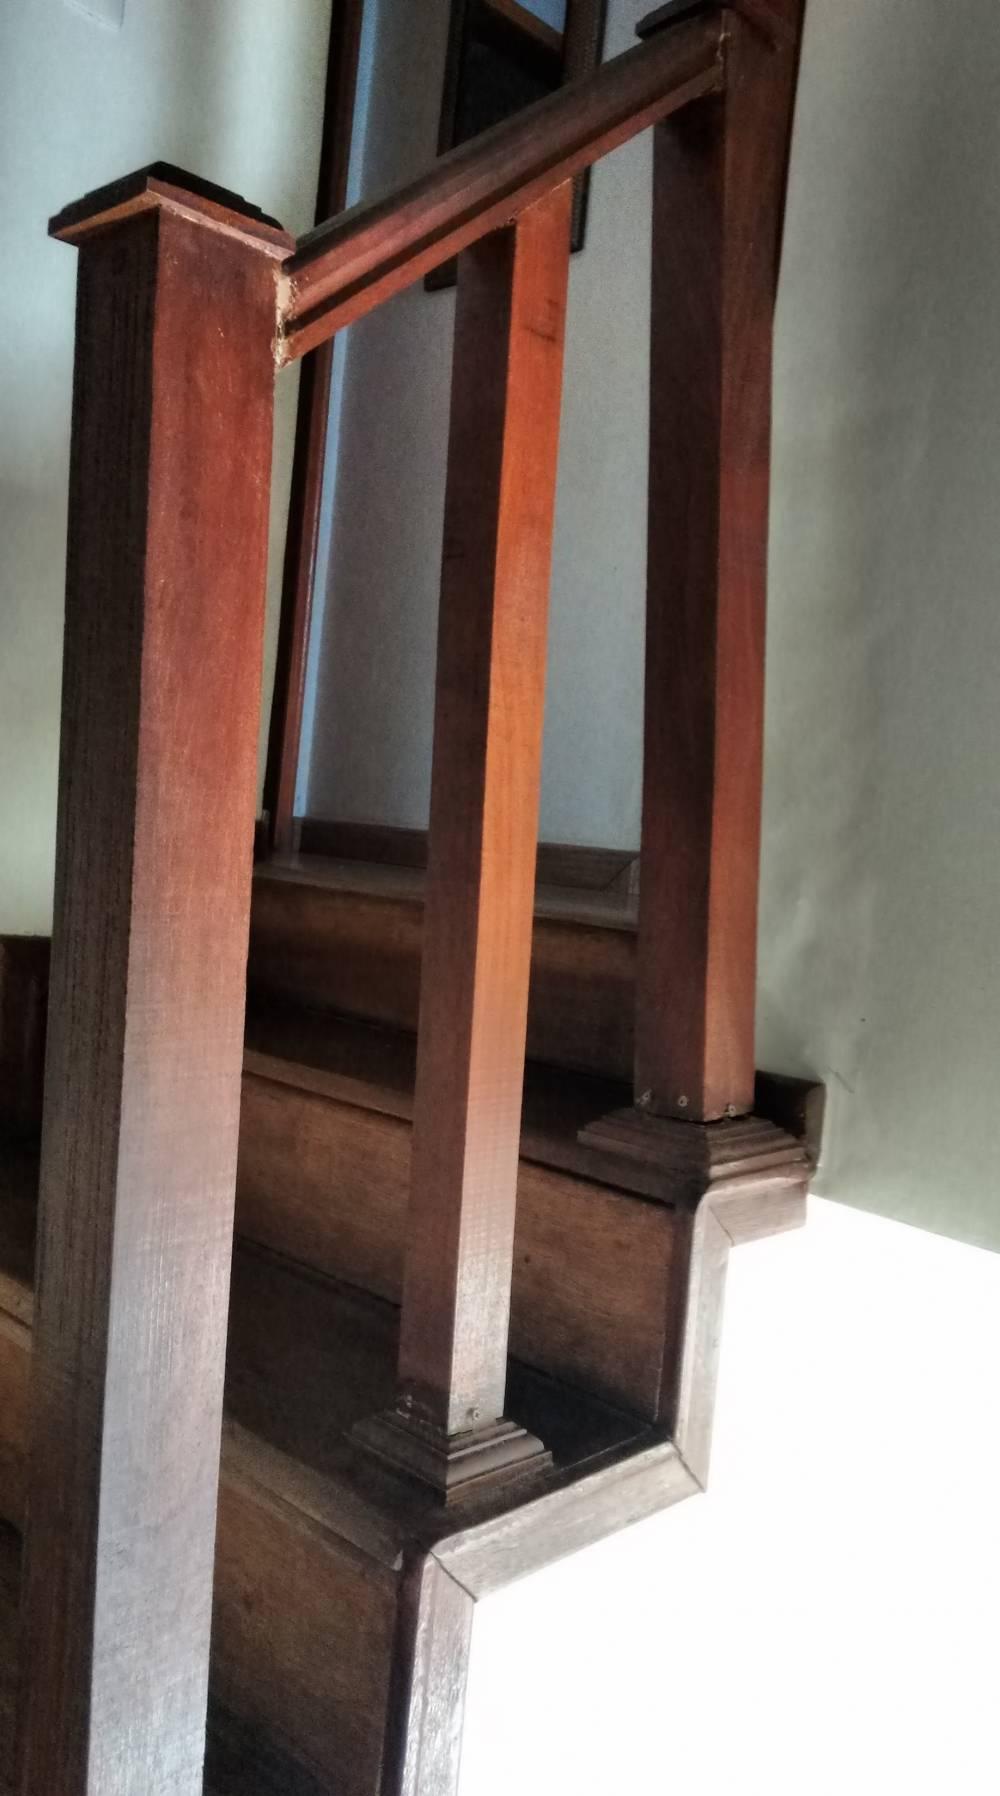 Contratar Alguém para Fazer Reparos em Residência em São João Clímaco - Reparos Residenciais na Zona Sul